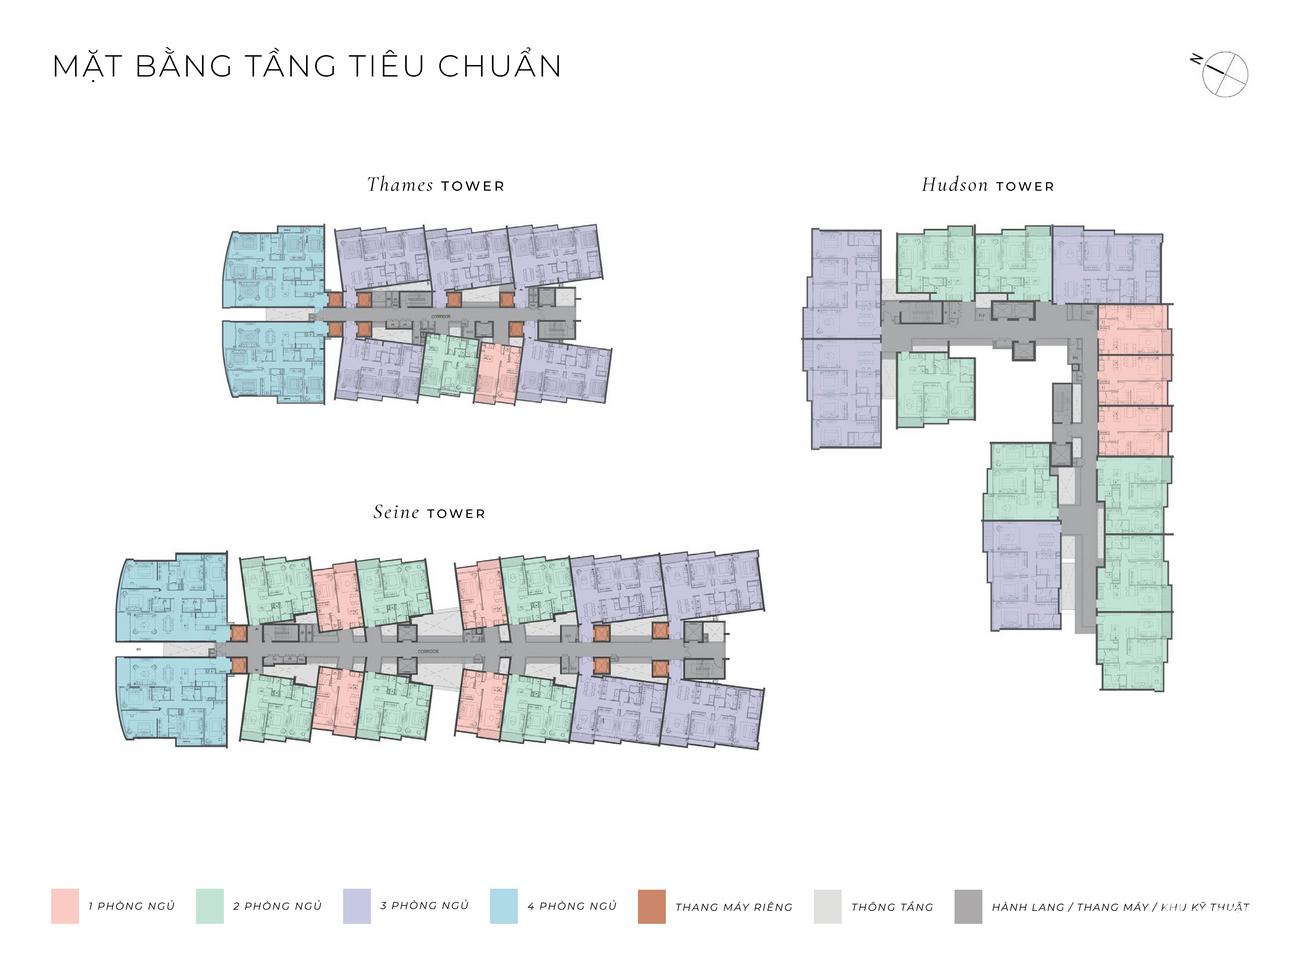 Mặt bằng dự án căn hộ The River Thủ Thiêm Quận 2 Đường Nguyễn Cơ Thạch chủ đầu tư Refico